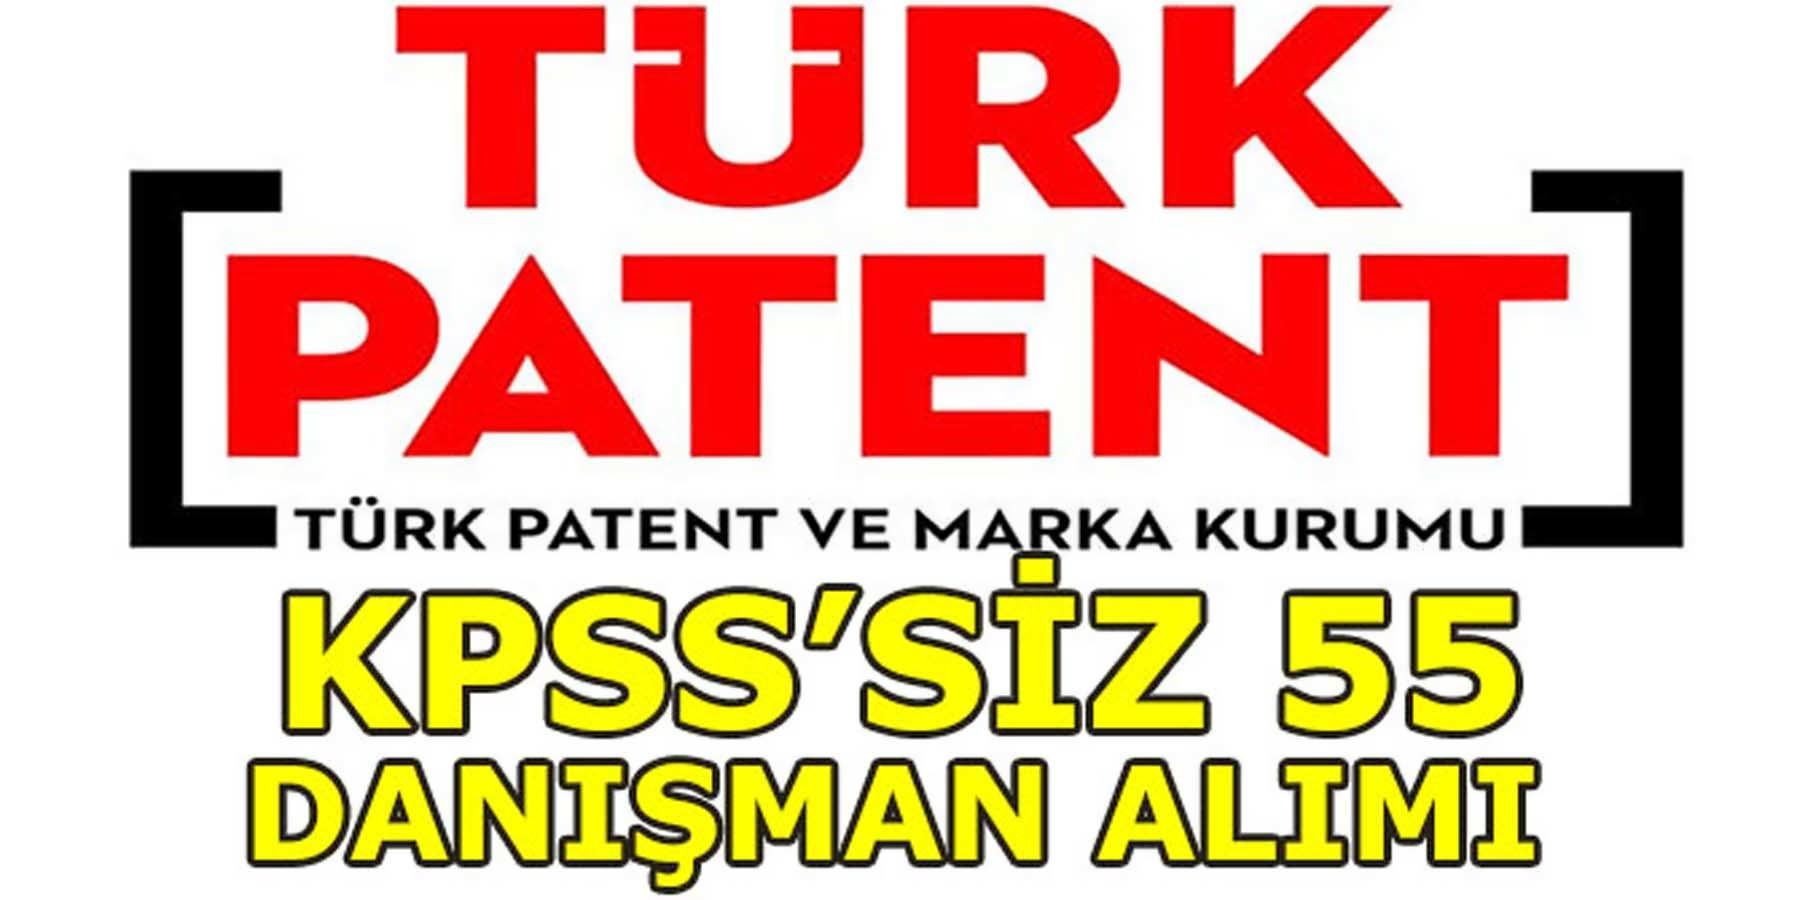 TPE KPSS'SİZ 55 Danışman Alımı 2018